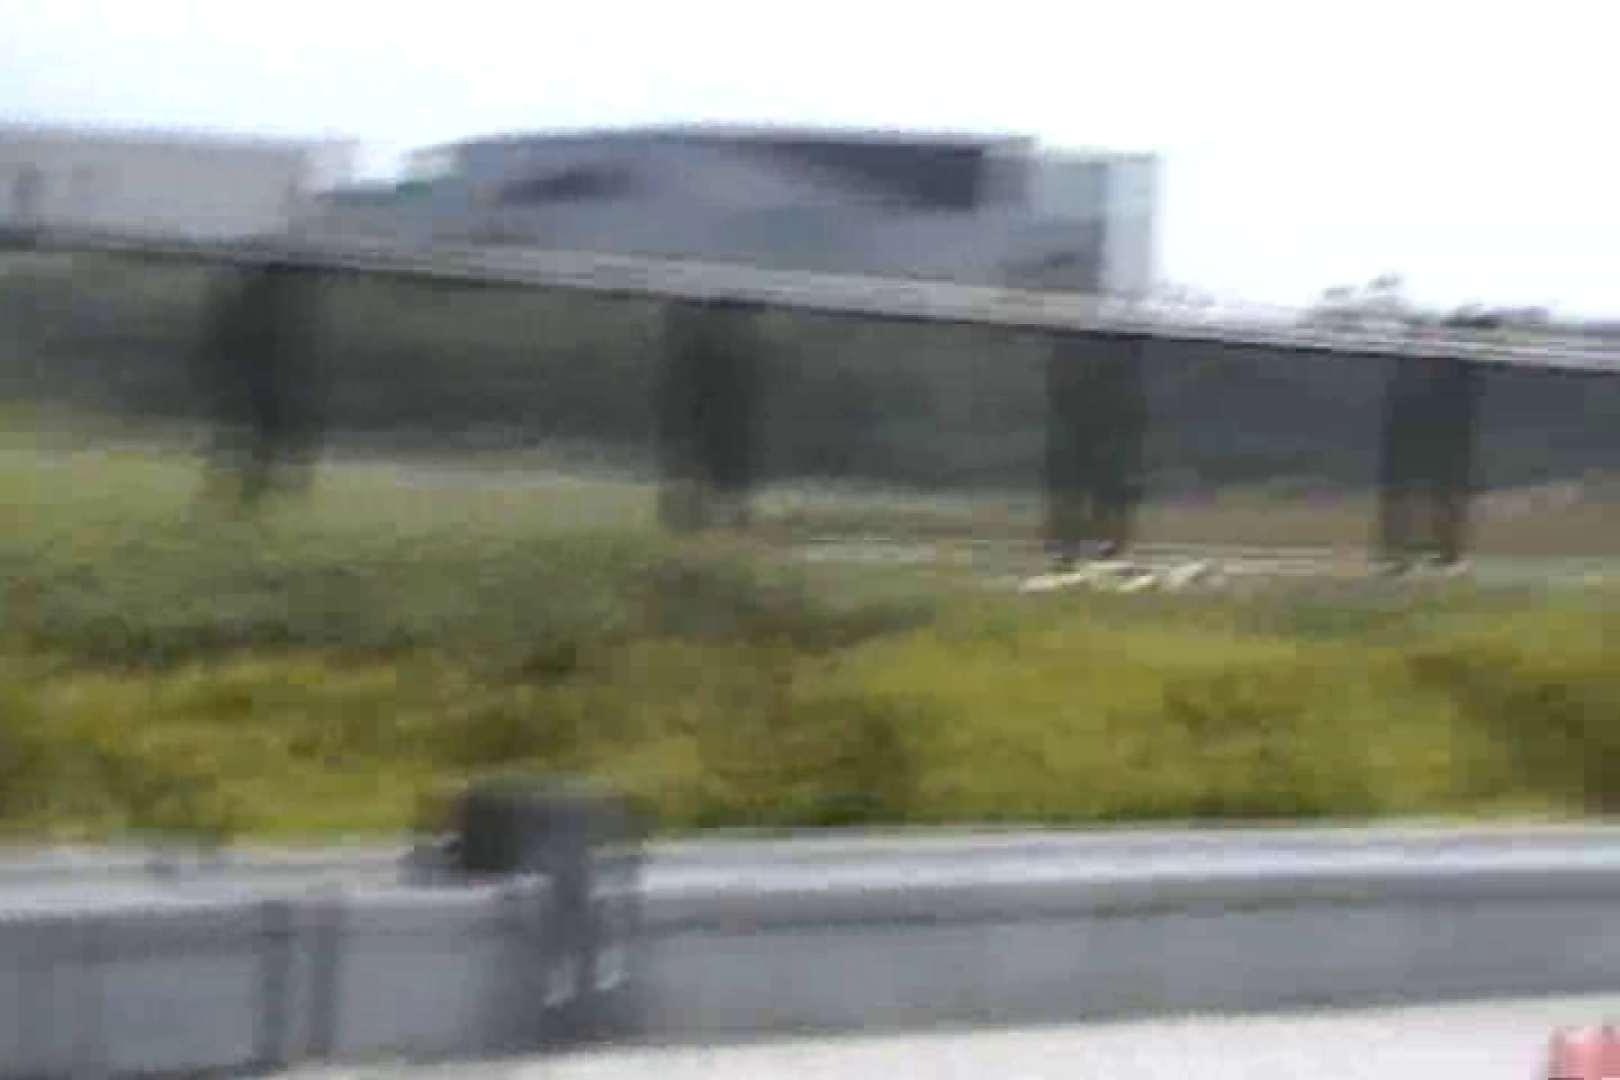 鉄人レース!!トライアスロンに挑む女性達!!Vol.8 エロティックなOL ワレメ無修正動画無料 72画像 8